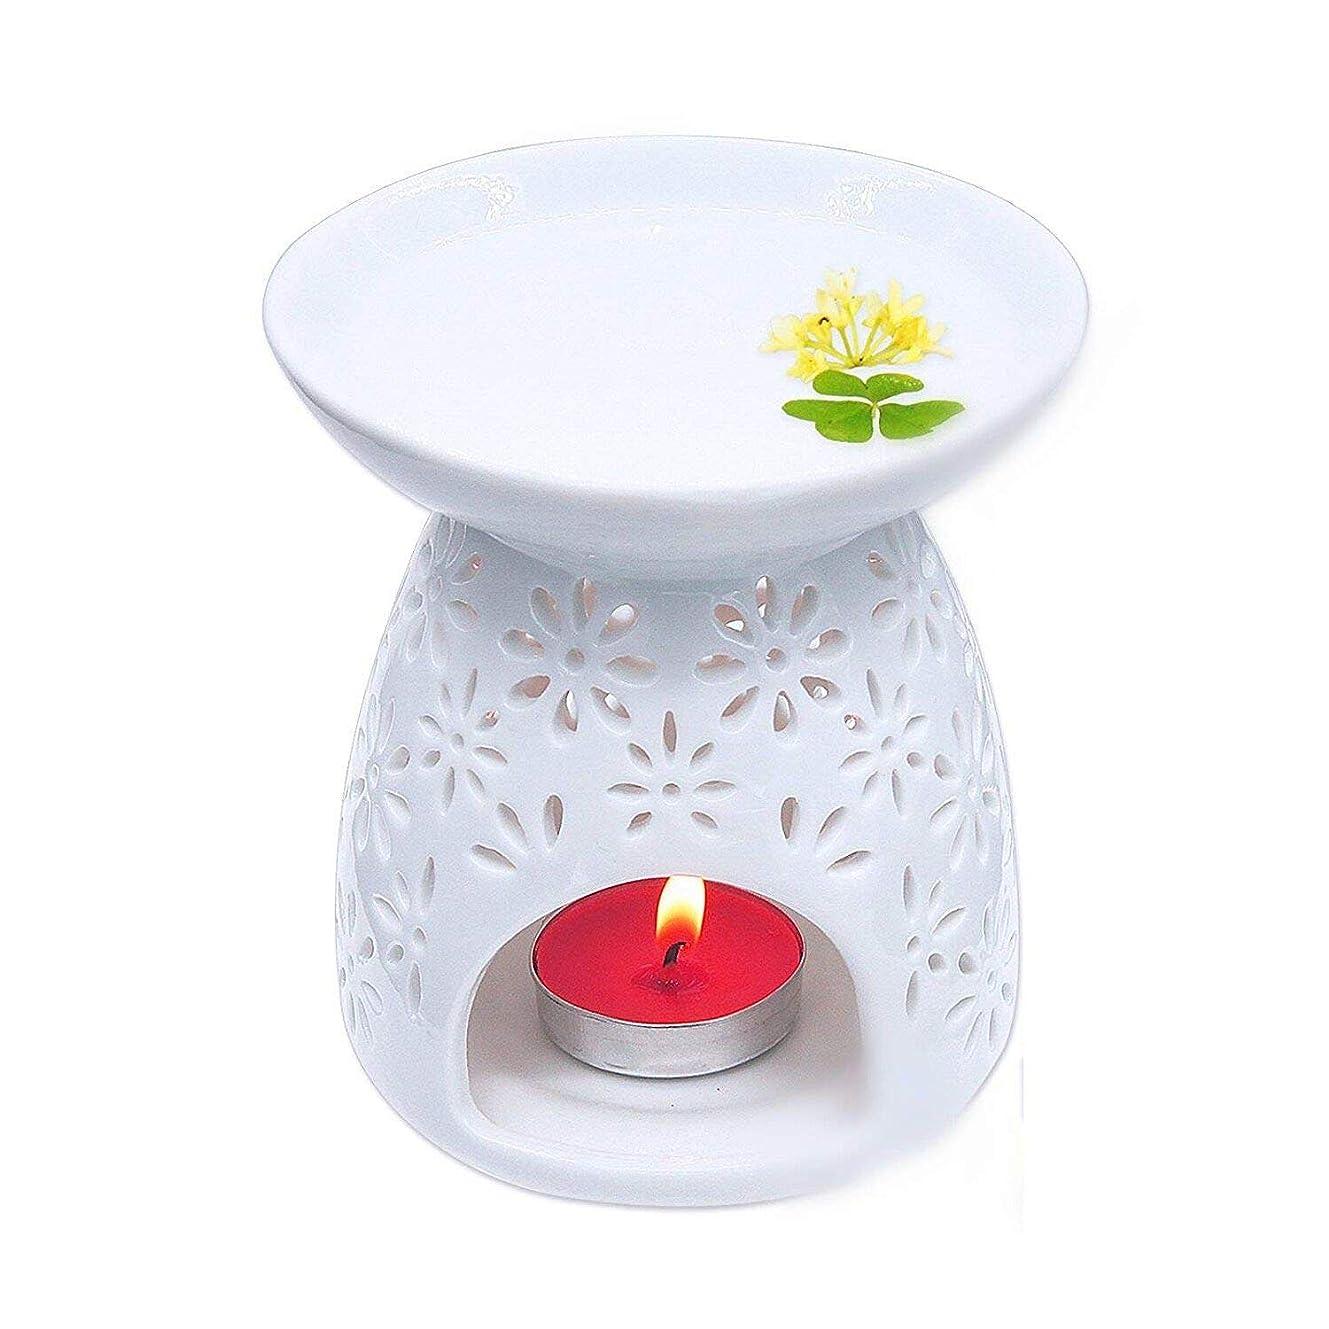 絶望的な避けられない建てるPursue 茶香炉 アロマ炉 香炉 陶器 精油 香炉置物 薫香 インテリア アロマディフューザー 中空の彫刻工 消臭と癒し おしゃれ